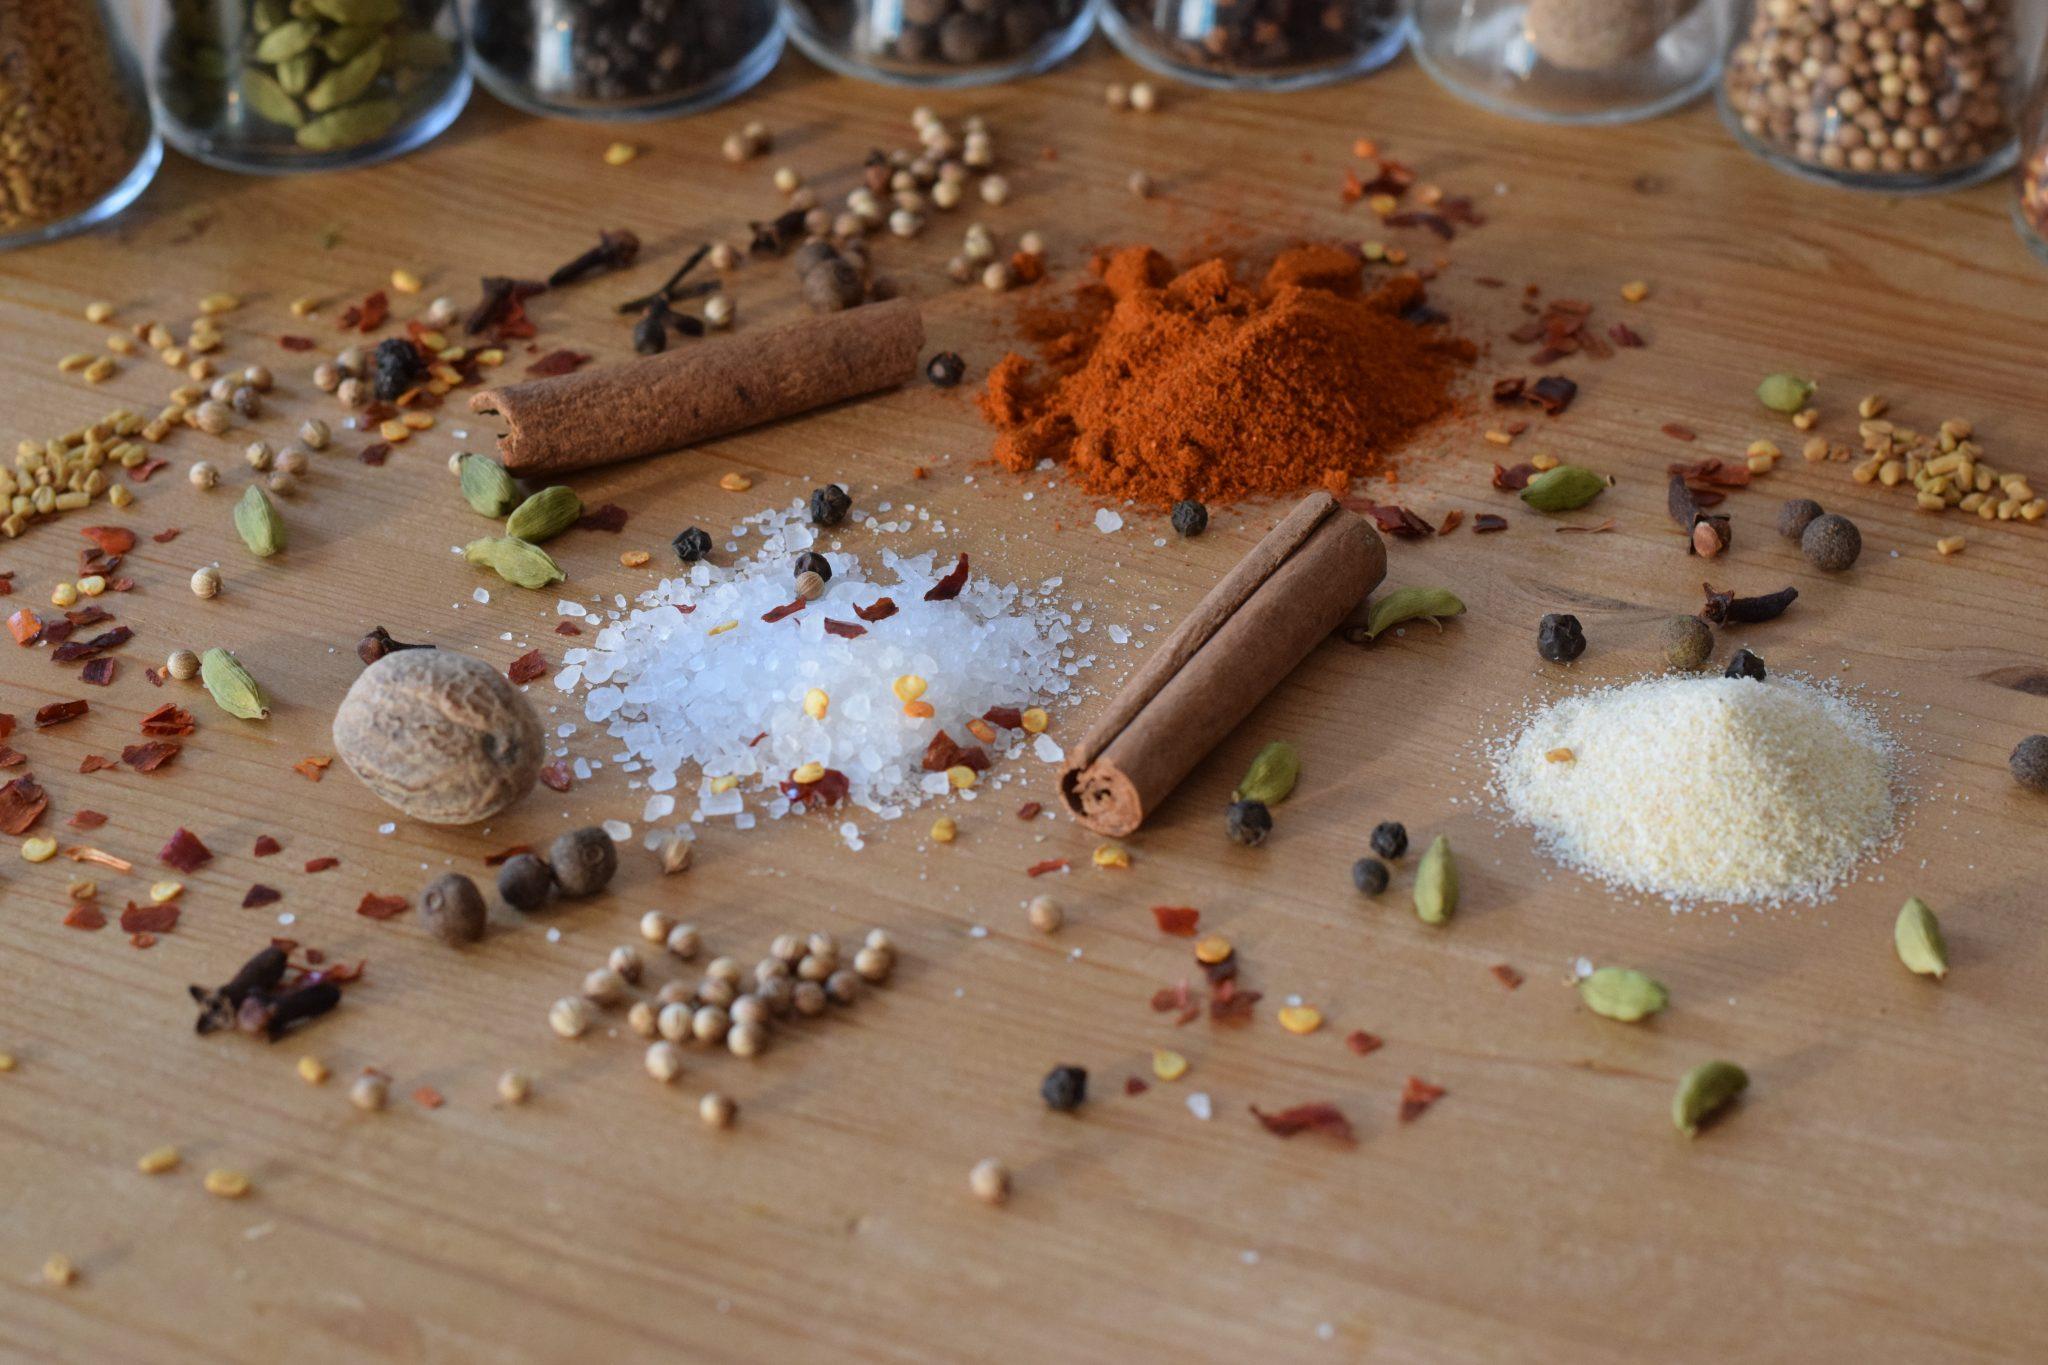 Ras el hanout, za'atar, baharat? Wij maken deze kruidenmengsels zelf en delen de recepten hier: